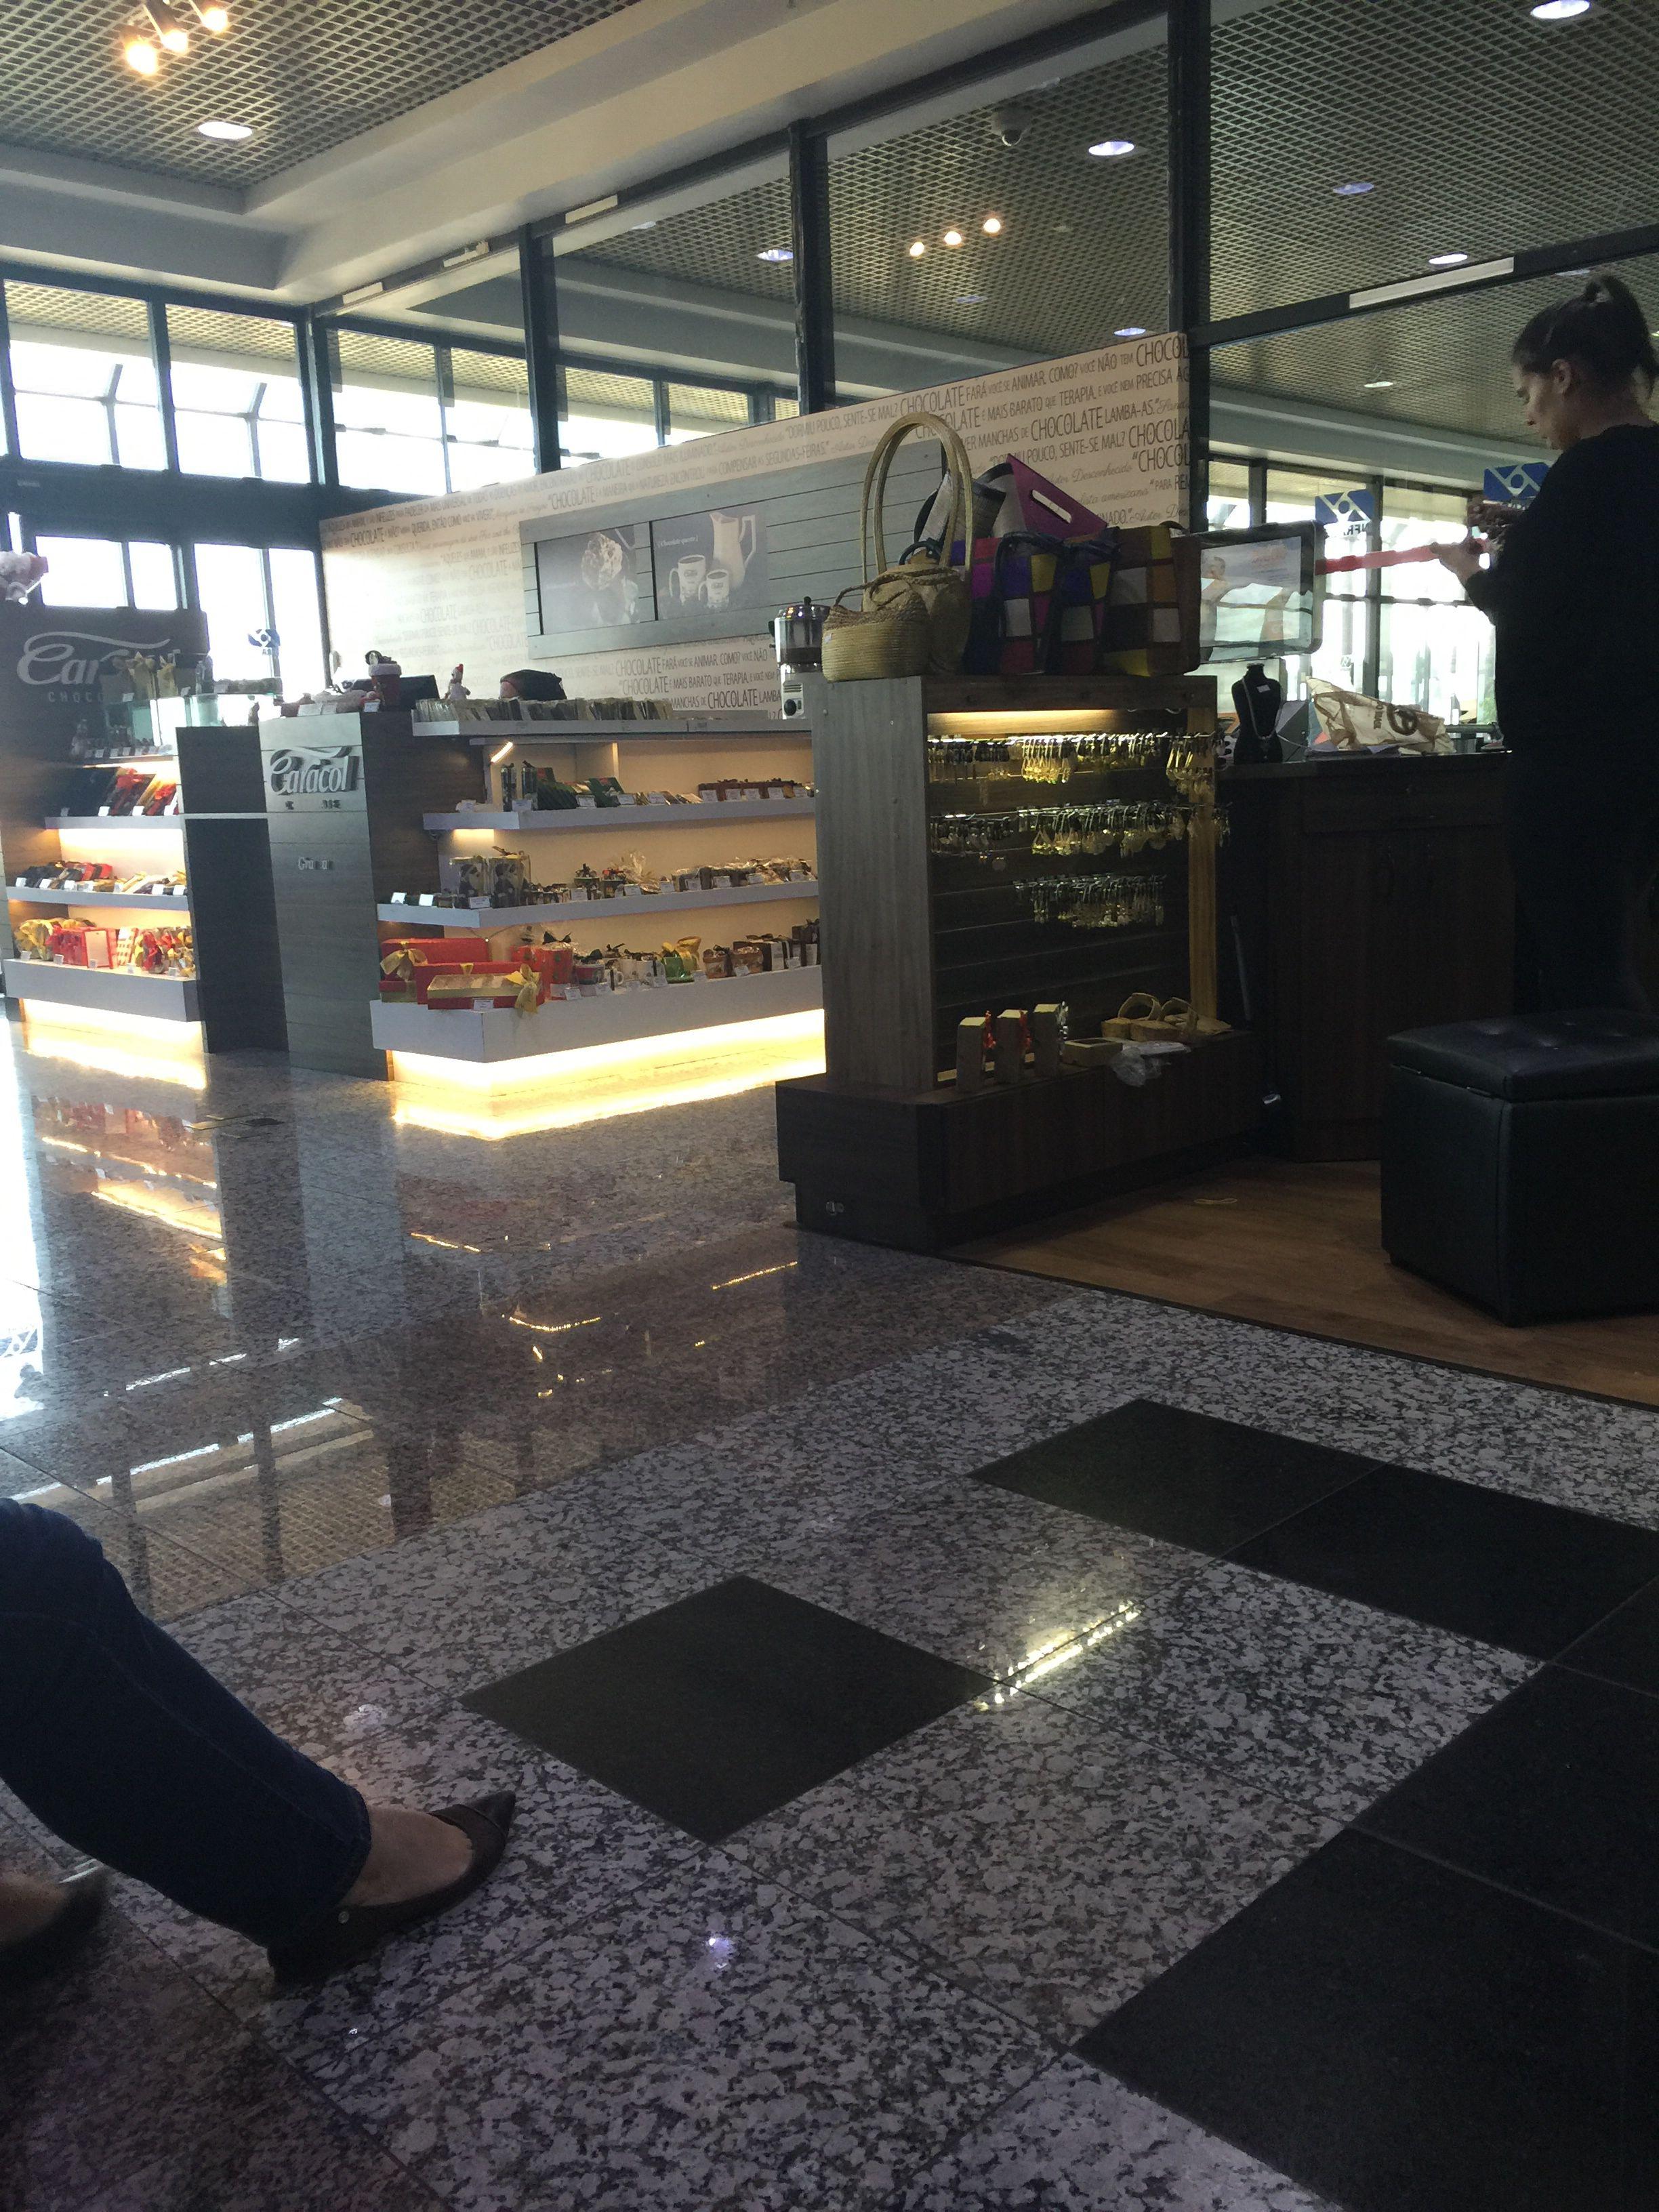 Aeroporto Internacional Salgado filho,Porto Alegre,RS,Brasil